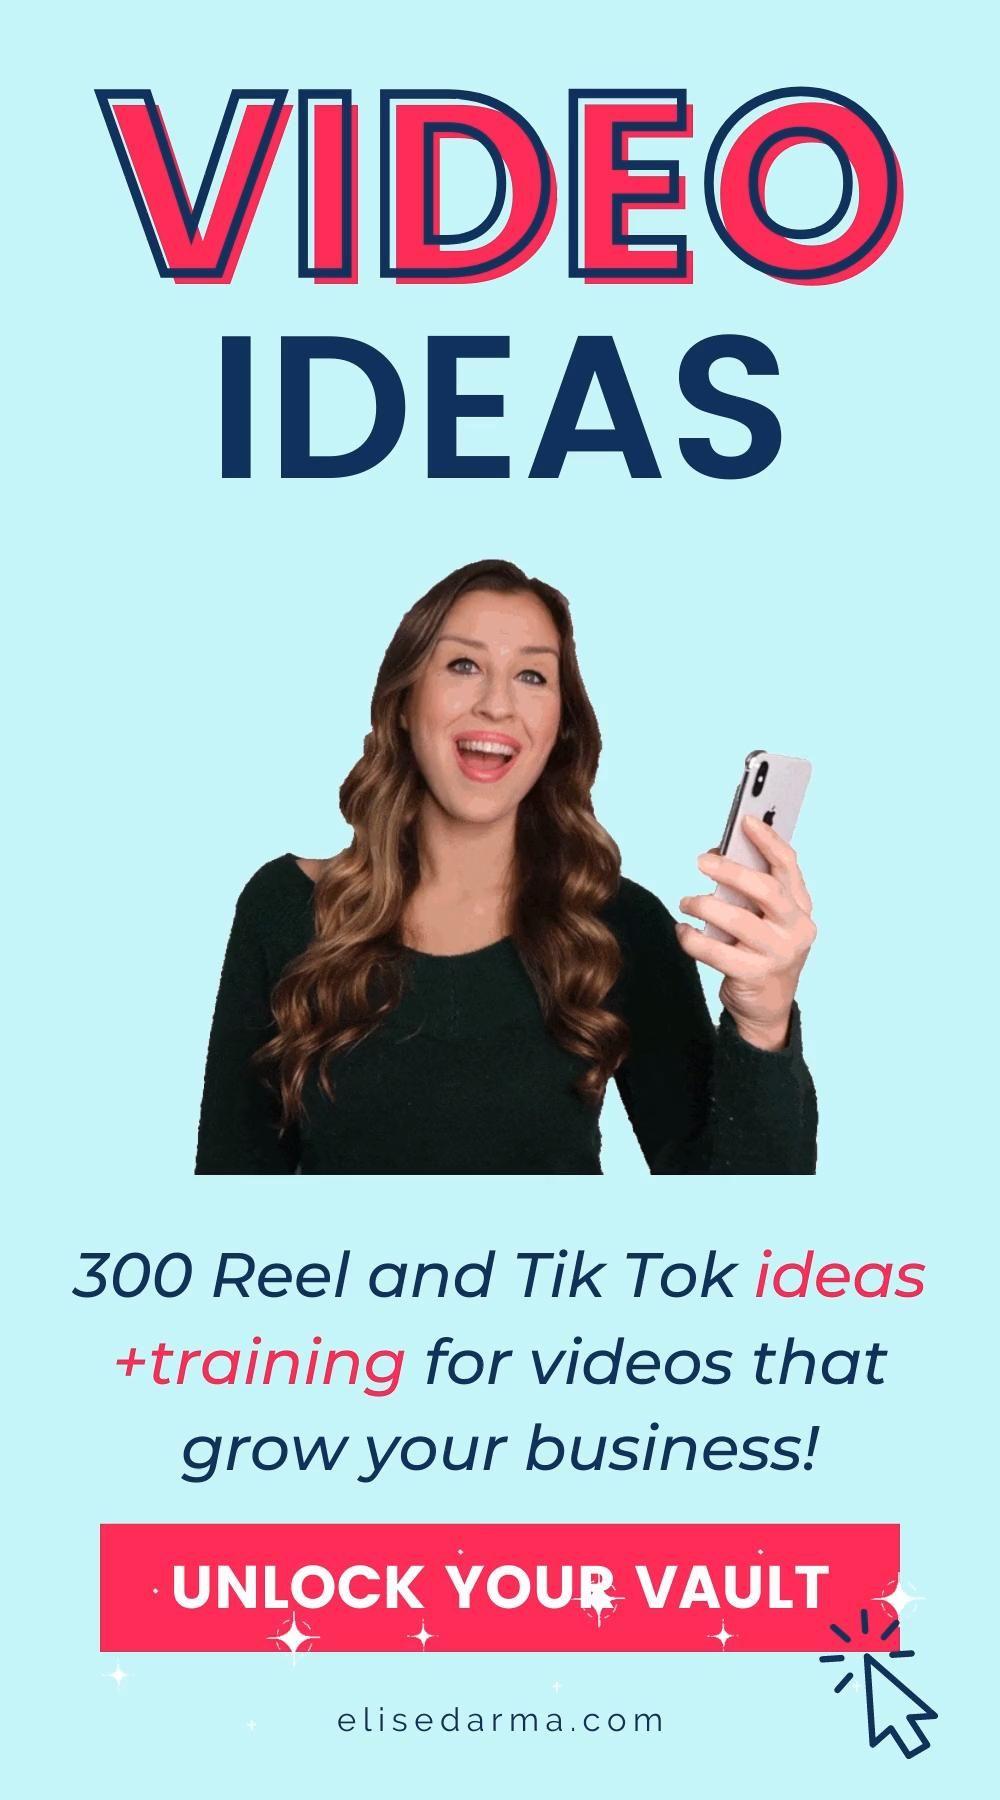 Get 300 Video Ideas For Reels And Tiktok Marketing Video In 2021 Instagram Marketing Tips Marketing Strategy Social Media Social Media Help